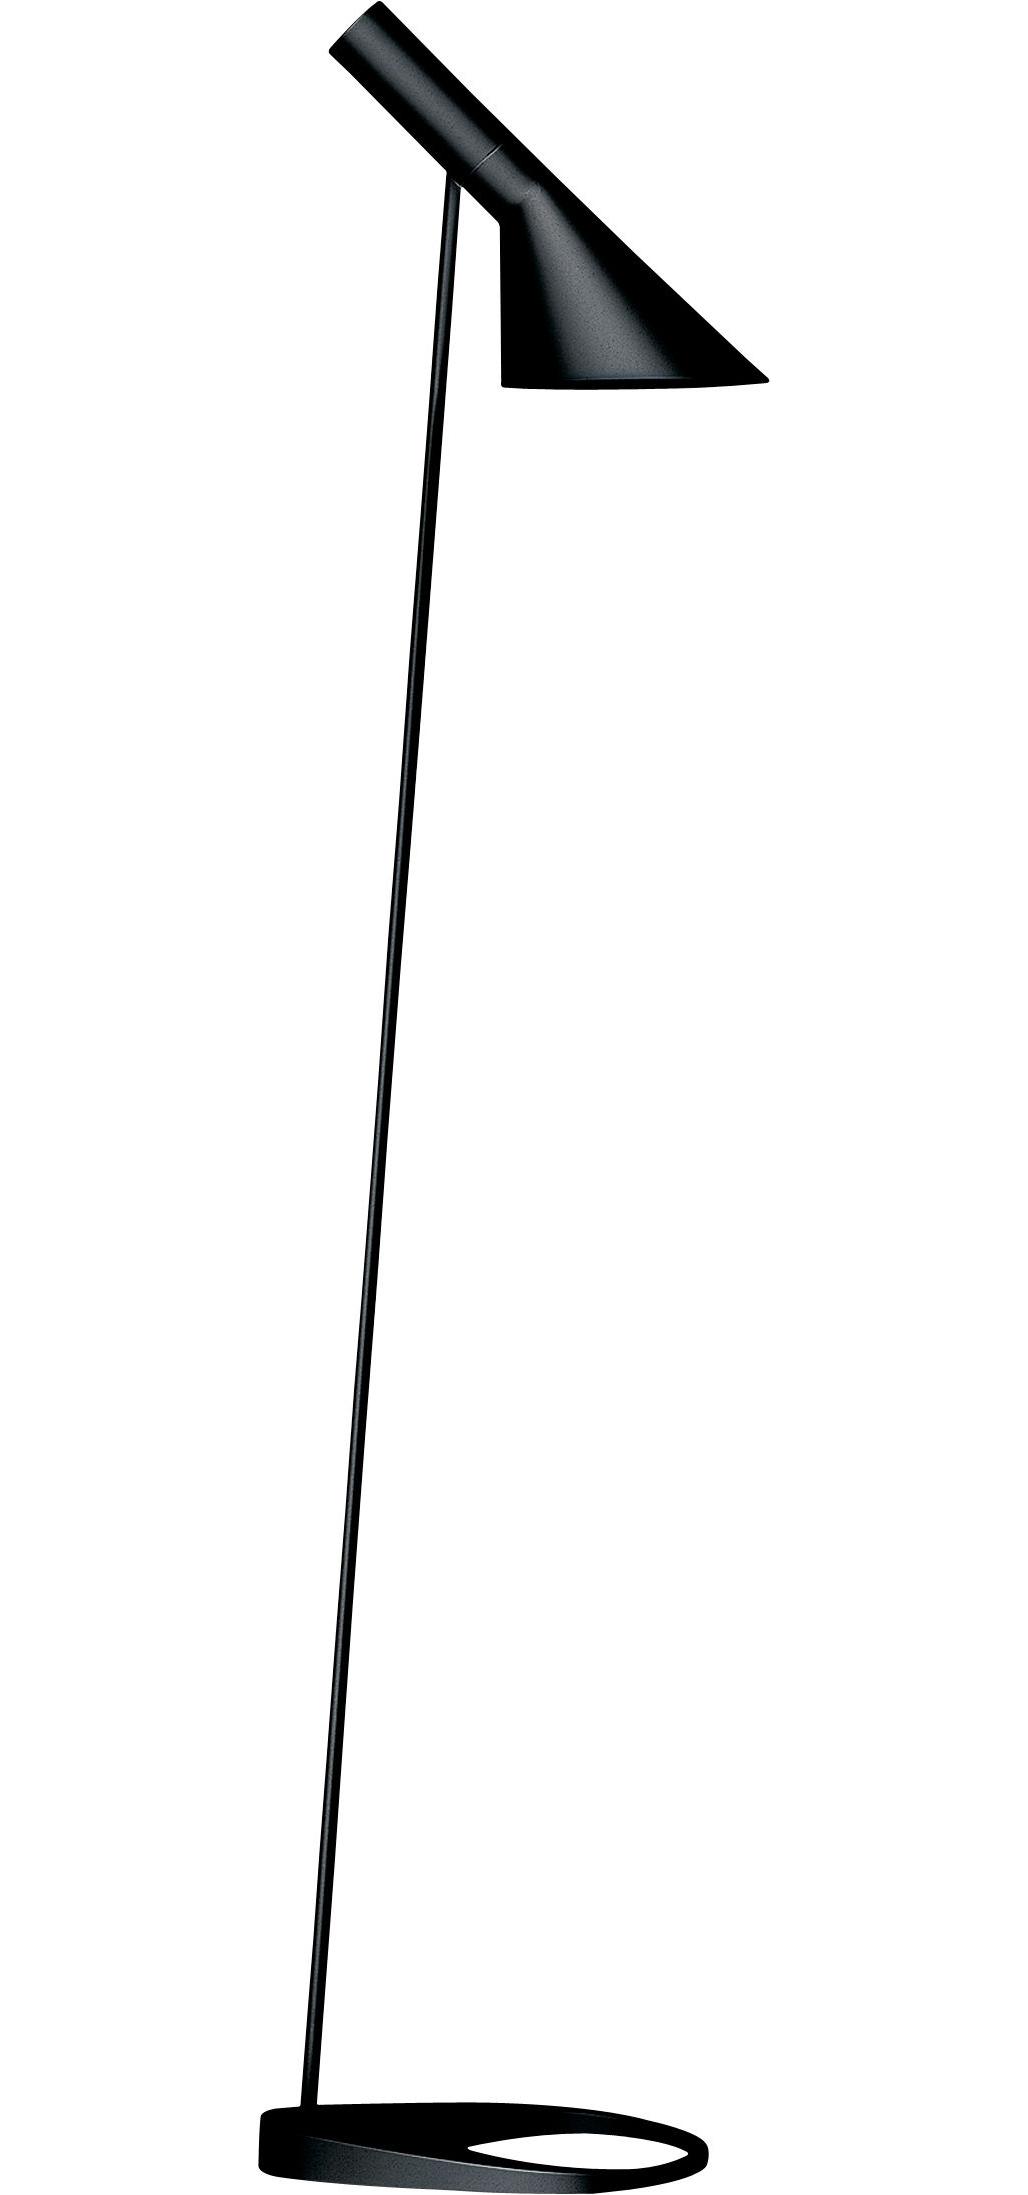 Luminaire - Lampadaires - Lampadaire AJ / H 130 cm - Louis Poulsen - Noir - Acier, Fonte de zinc